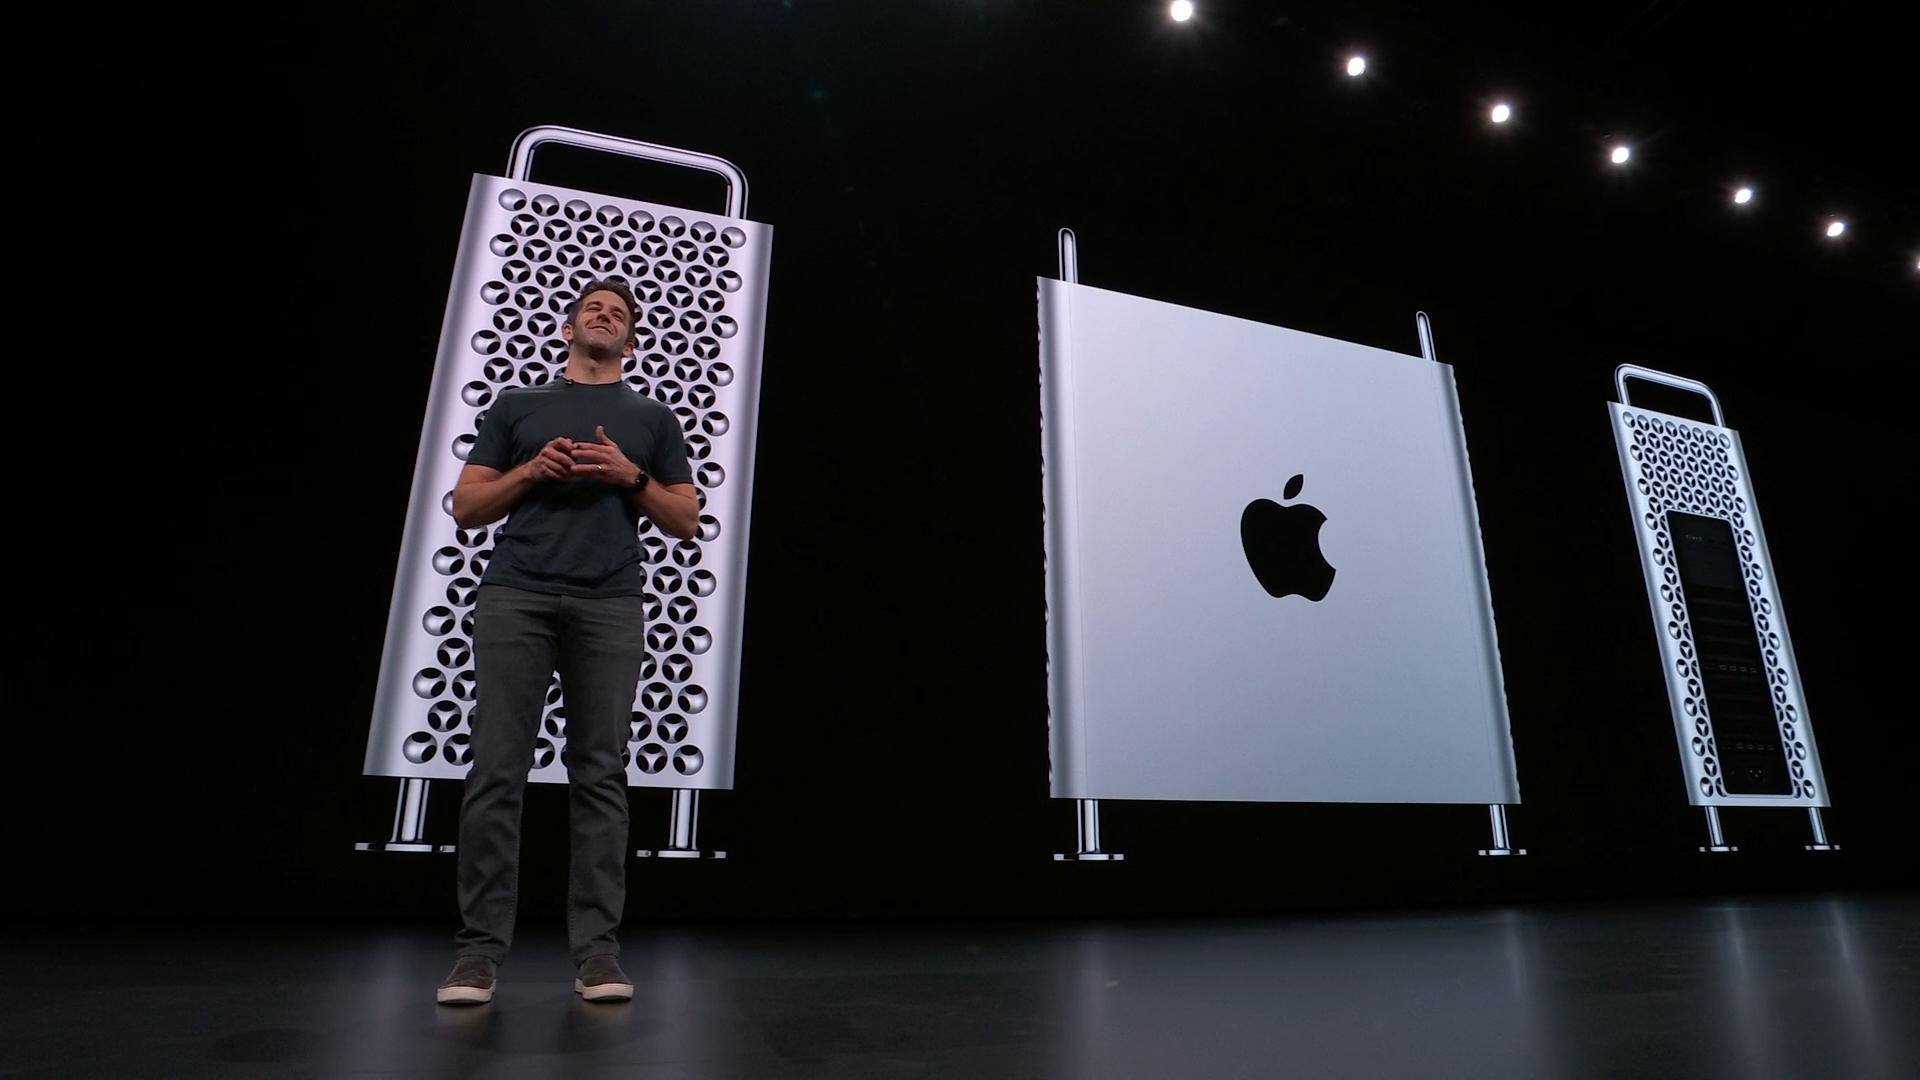 El equipo más potente y caro de Apple — Nuevo Mac Pro